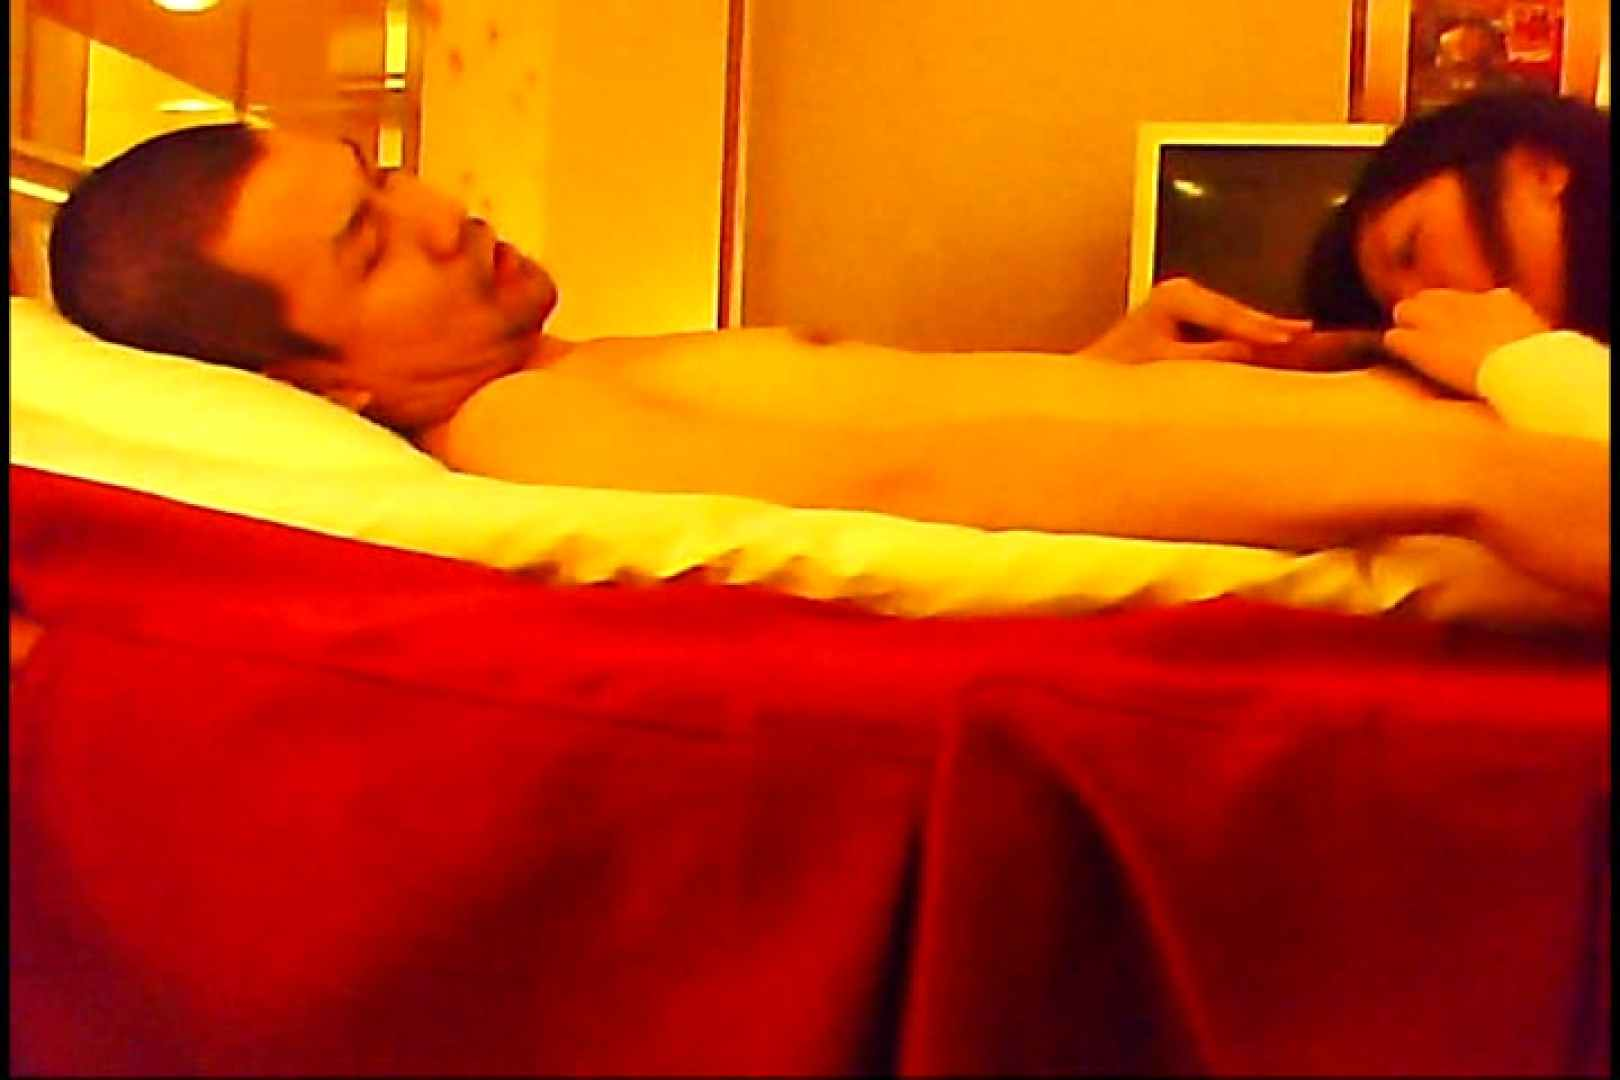 セックスフレンドVol.3 ミカ 喘ぎ エロ画像 83PICs 52